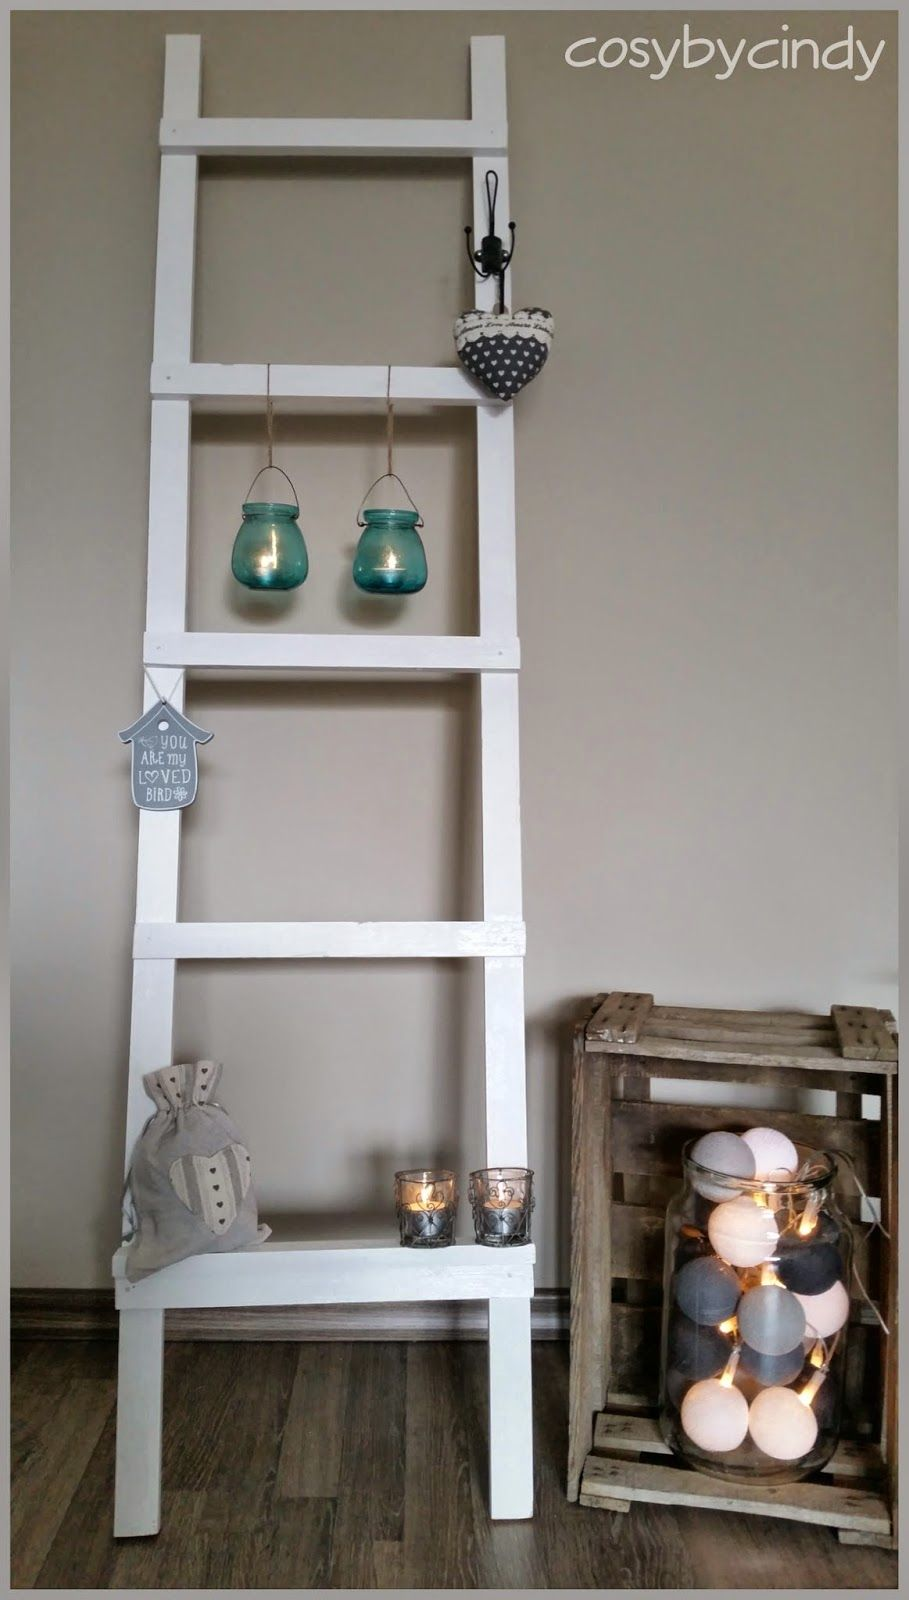 Zelf gemaakte decoladder meer foto s op mijn blog for Decoratie ladder action